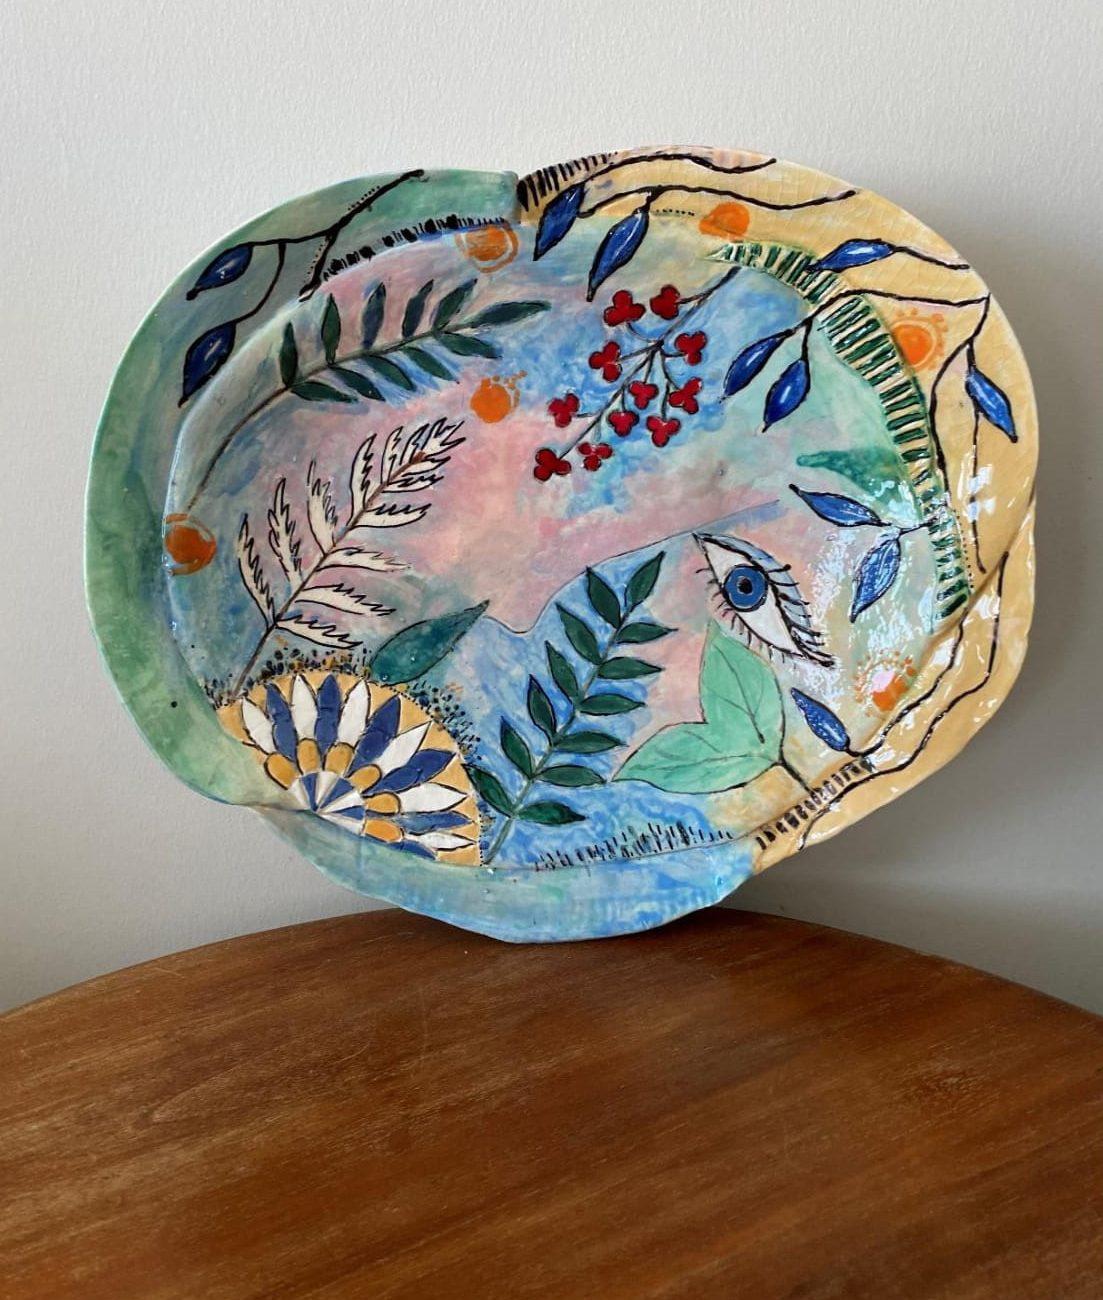 Bahara Bakış Duvar Tabağı Teknik: Beyaz Çamur Angope Sır Altı Karışık Teknik Ölçü : 30 x 35 cm Fiyat :1000 TL